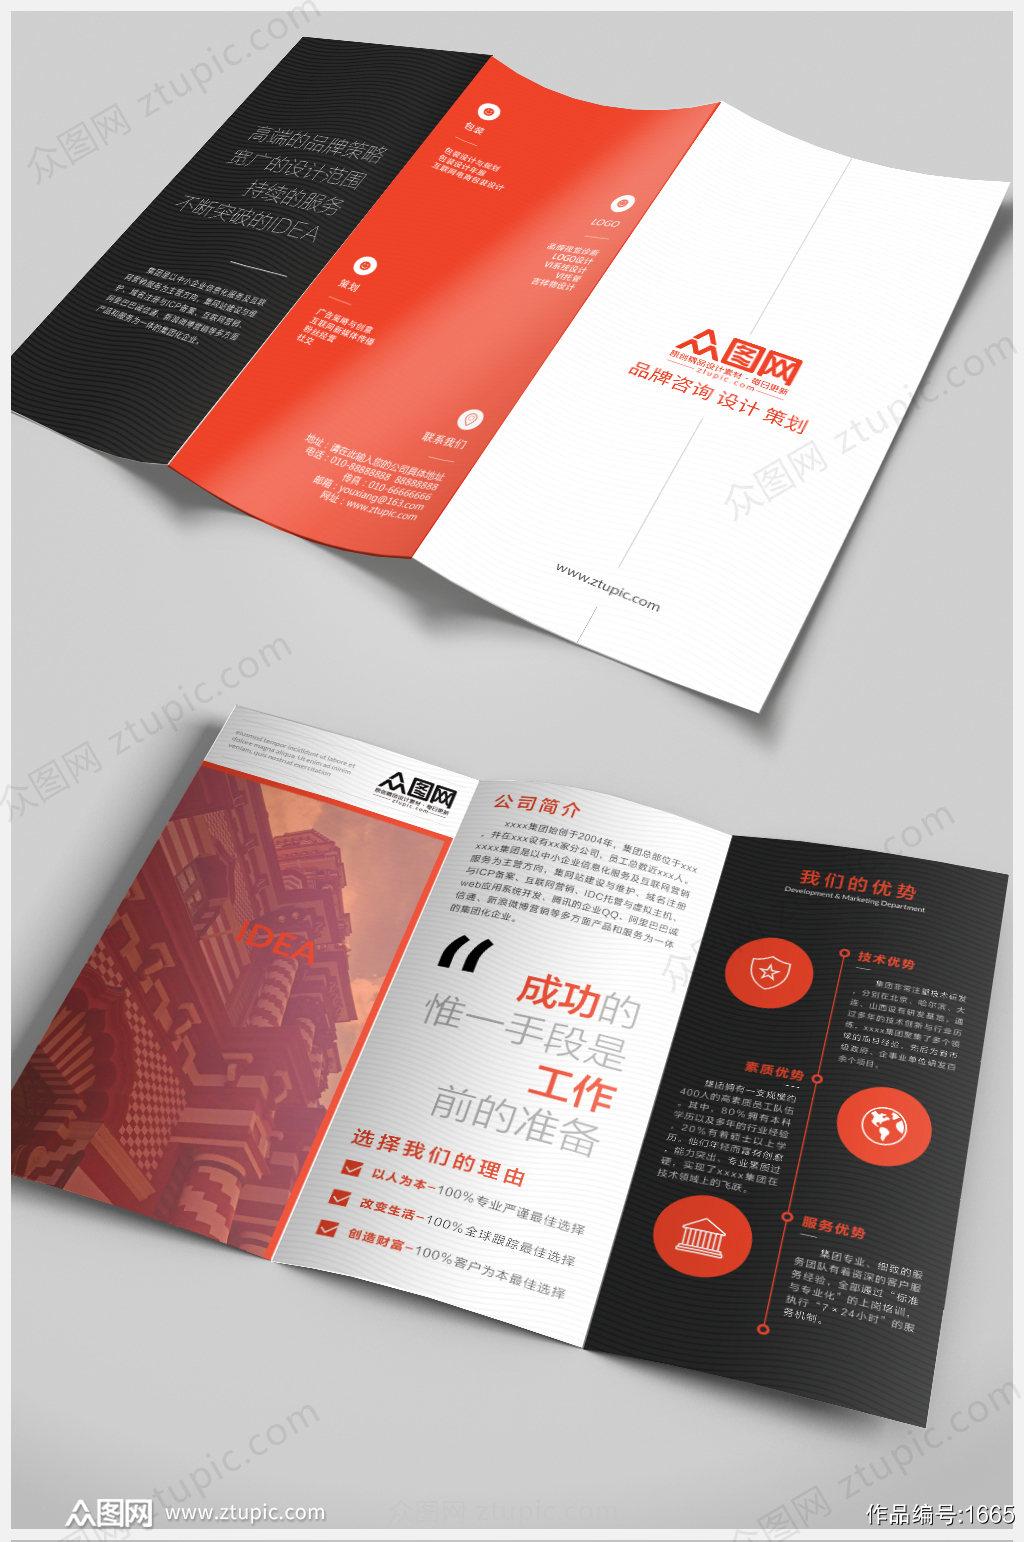 简约时尚黑红企业商务三折页素材